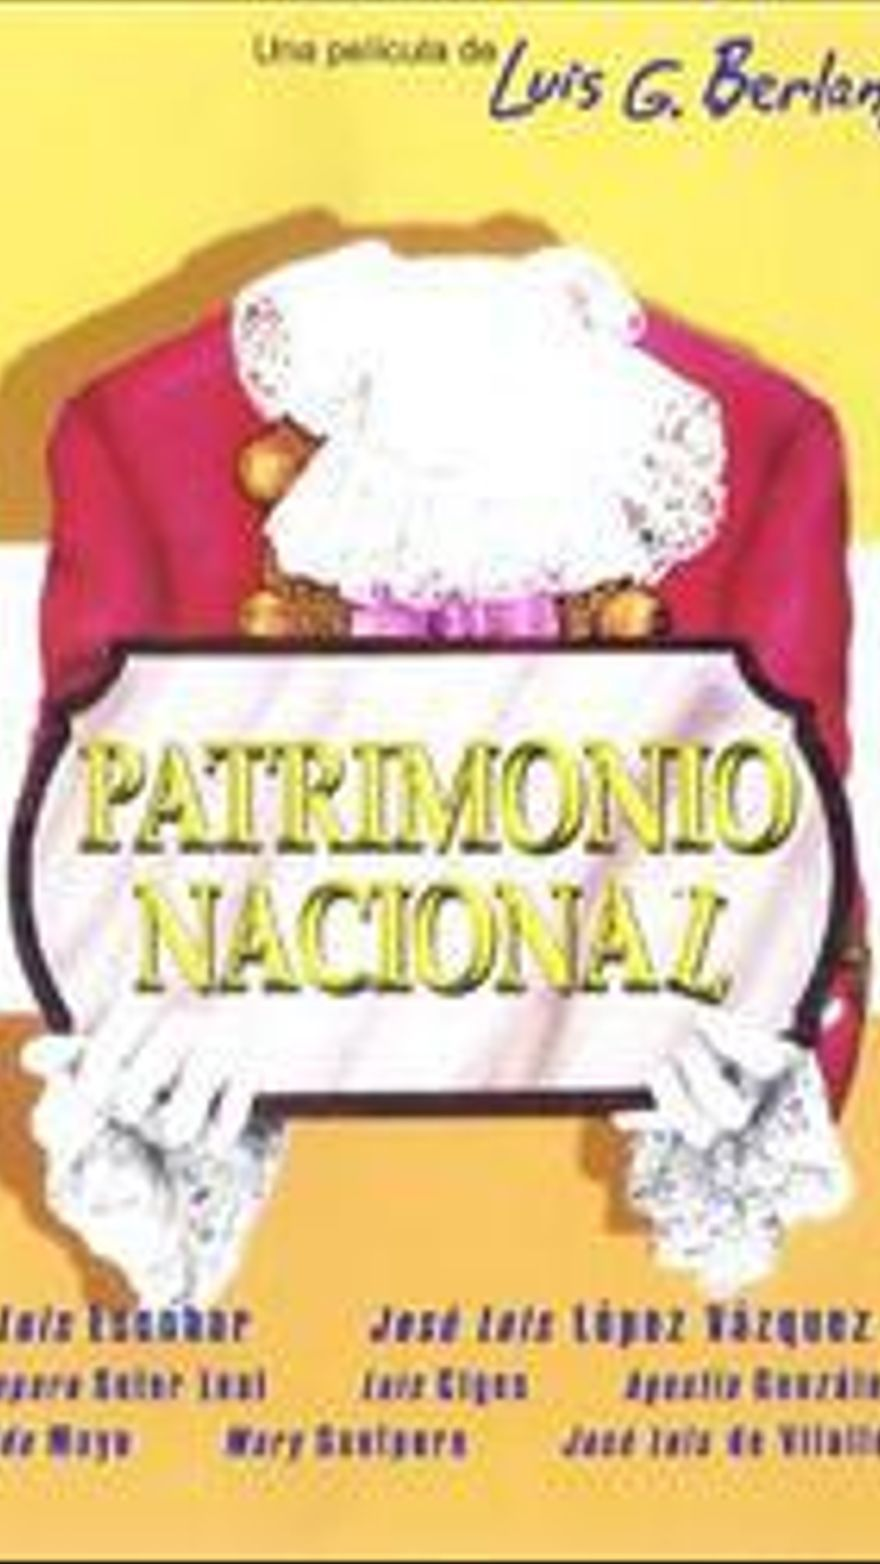 Patrimonio nacional